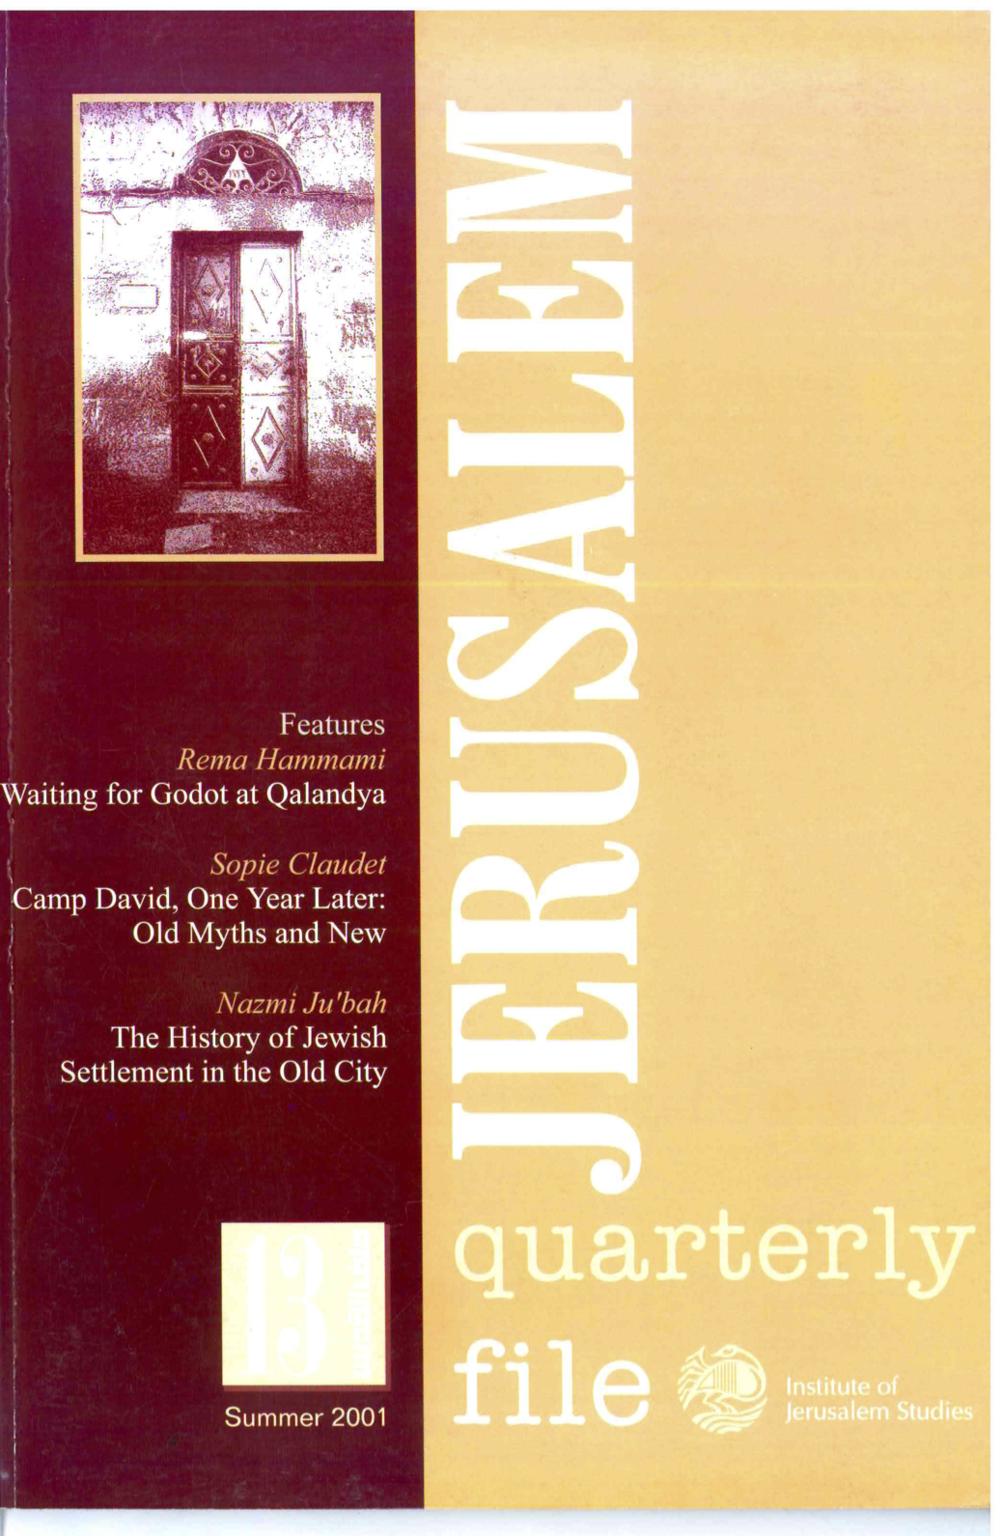 Copy of Copy of JQ 13 - Summer 2001.png